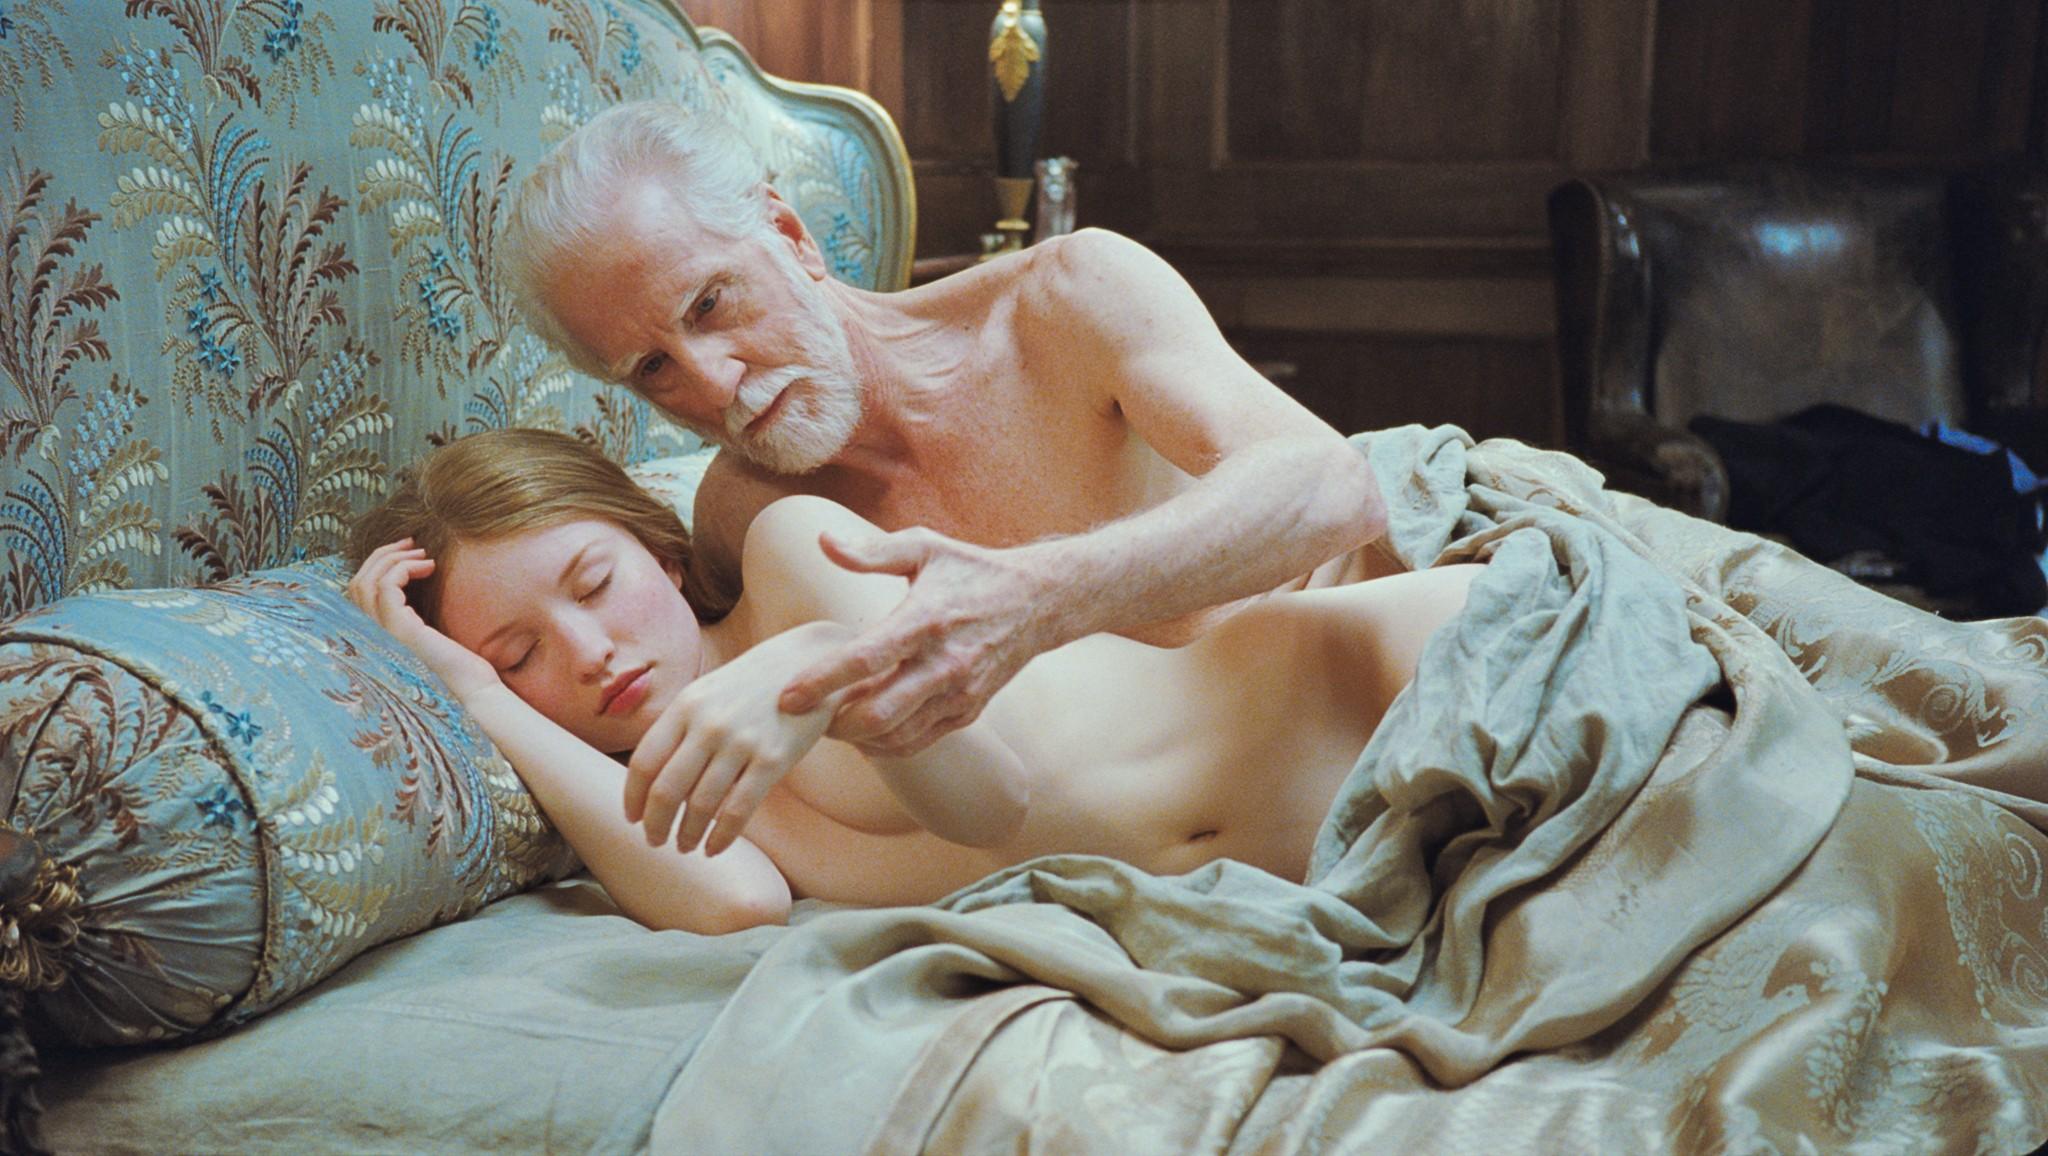 Спящая красавица разказ порно 23 фотография